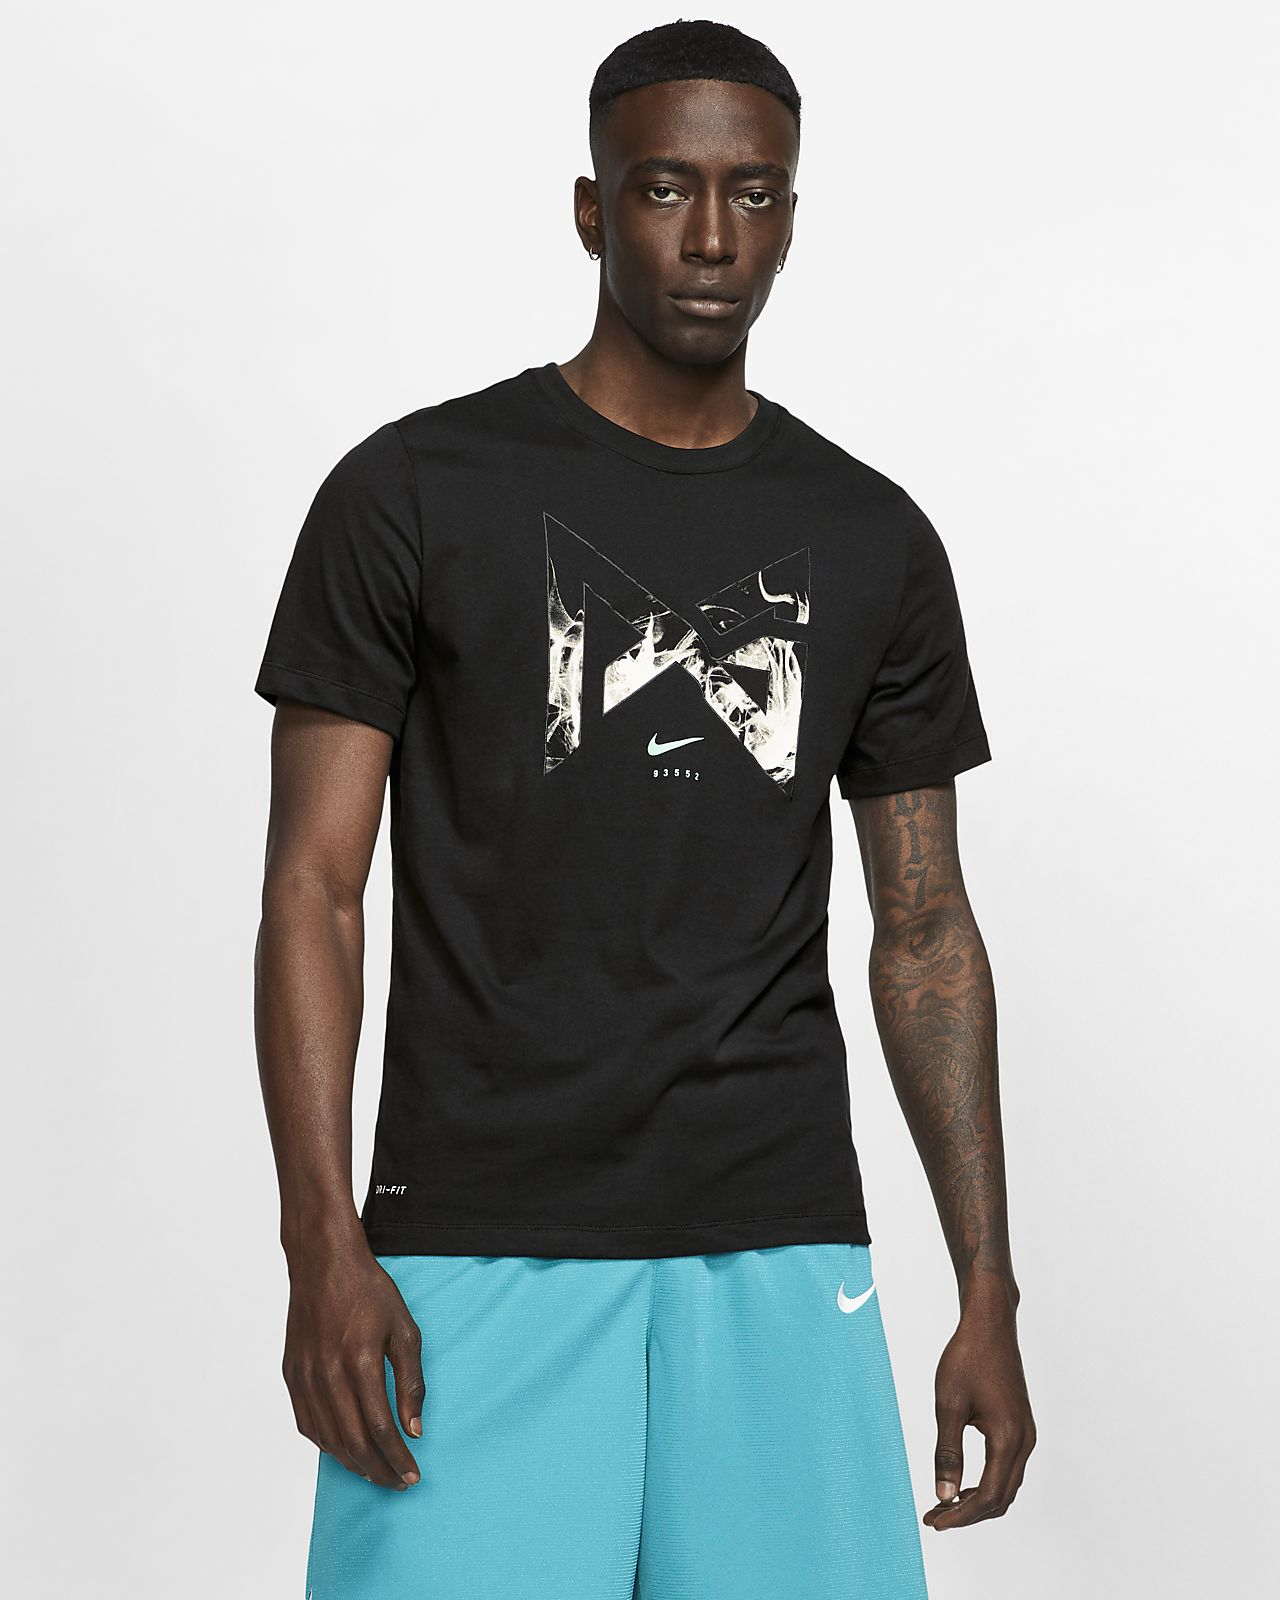 116d6c50c2 PG Nike Dri-FIT férfi kosárlabdás póló. Nike.com HU